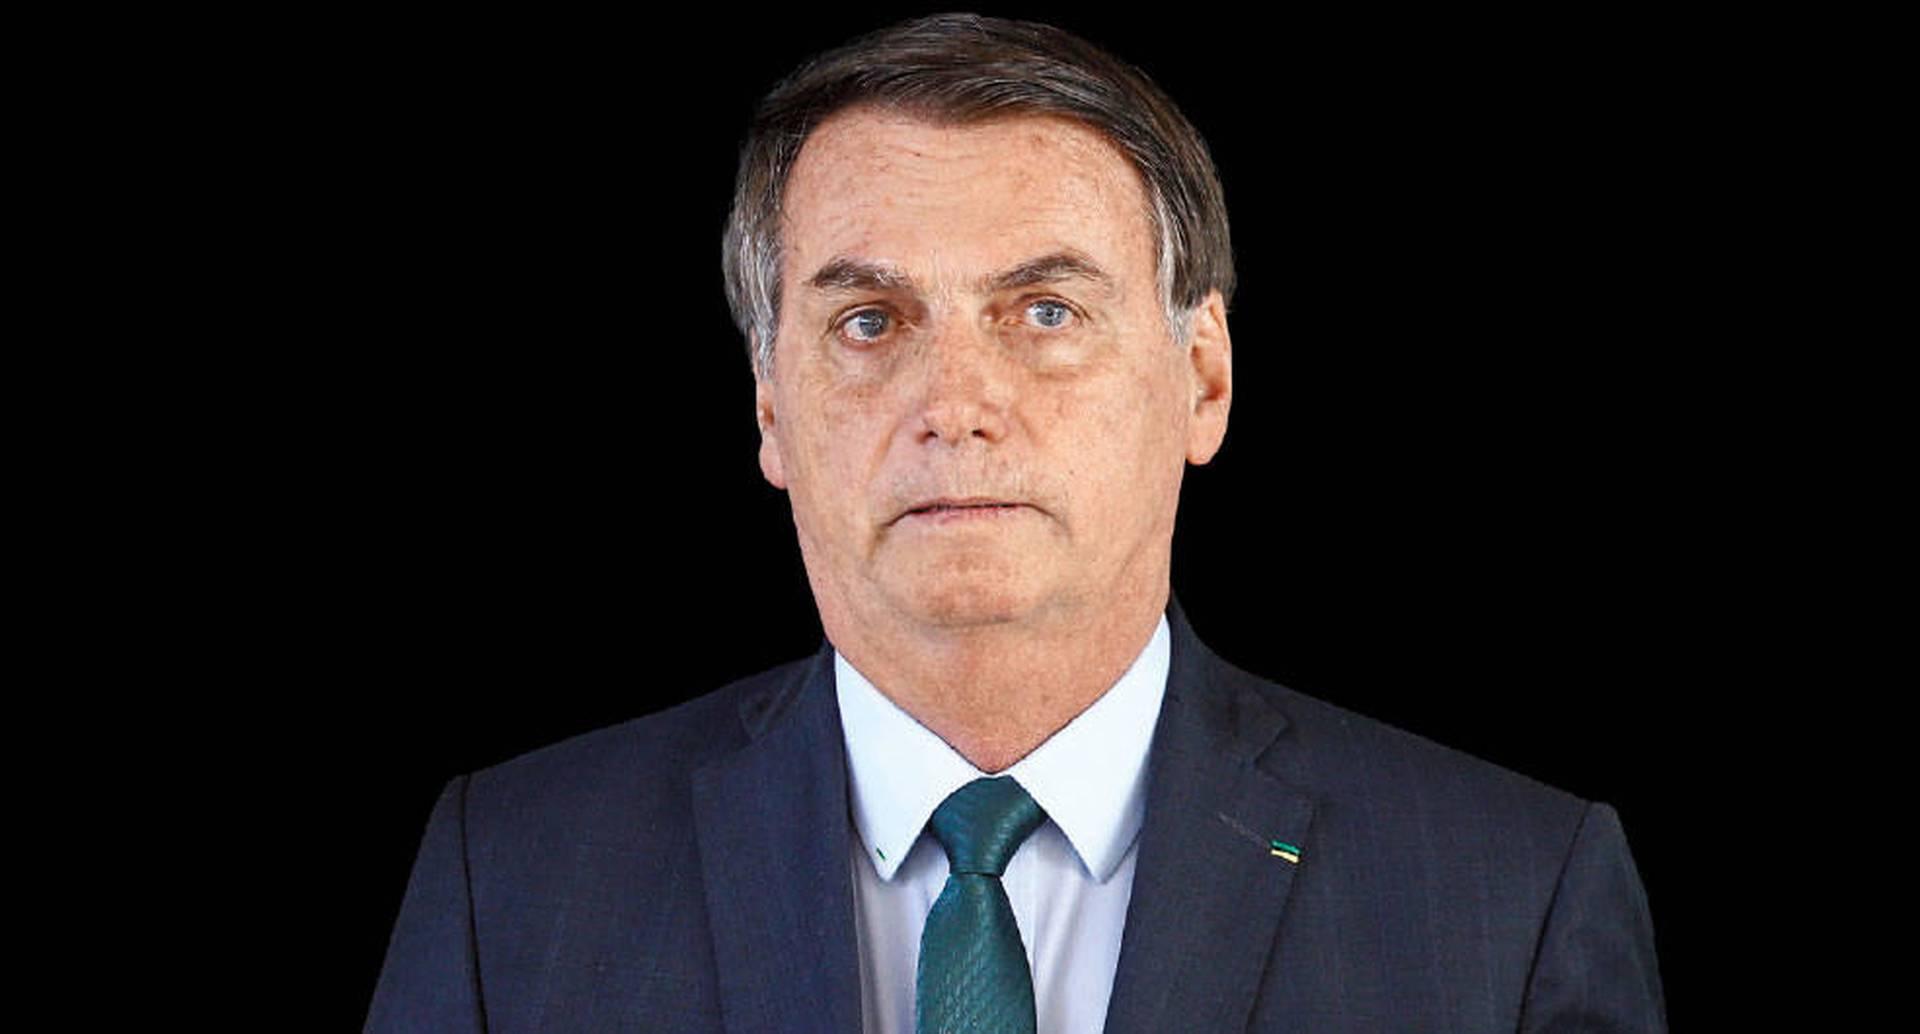 """Bolsonaro prometió acabar con la """"corrupción de la izquierda"""". Sin embargo, a sus hijos los señalan de lavar dinero, incluso de participar en asesinatos y de paramilitarismo. Además, las investigaciones de Lava Jato están más estancadas que nunca."""